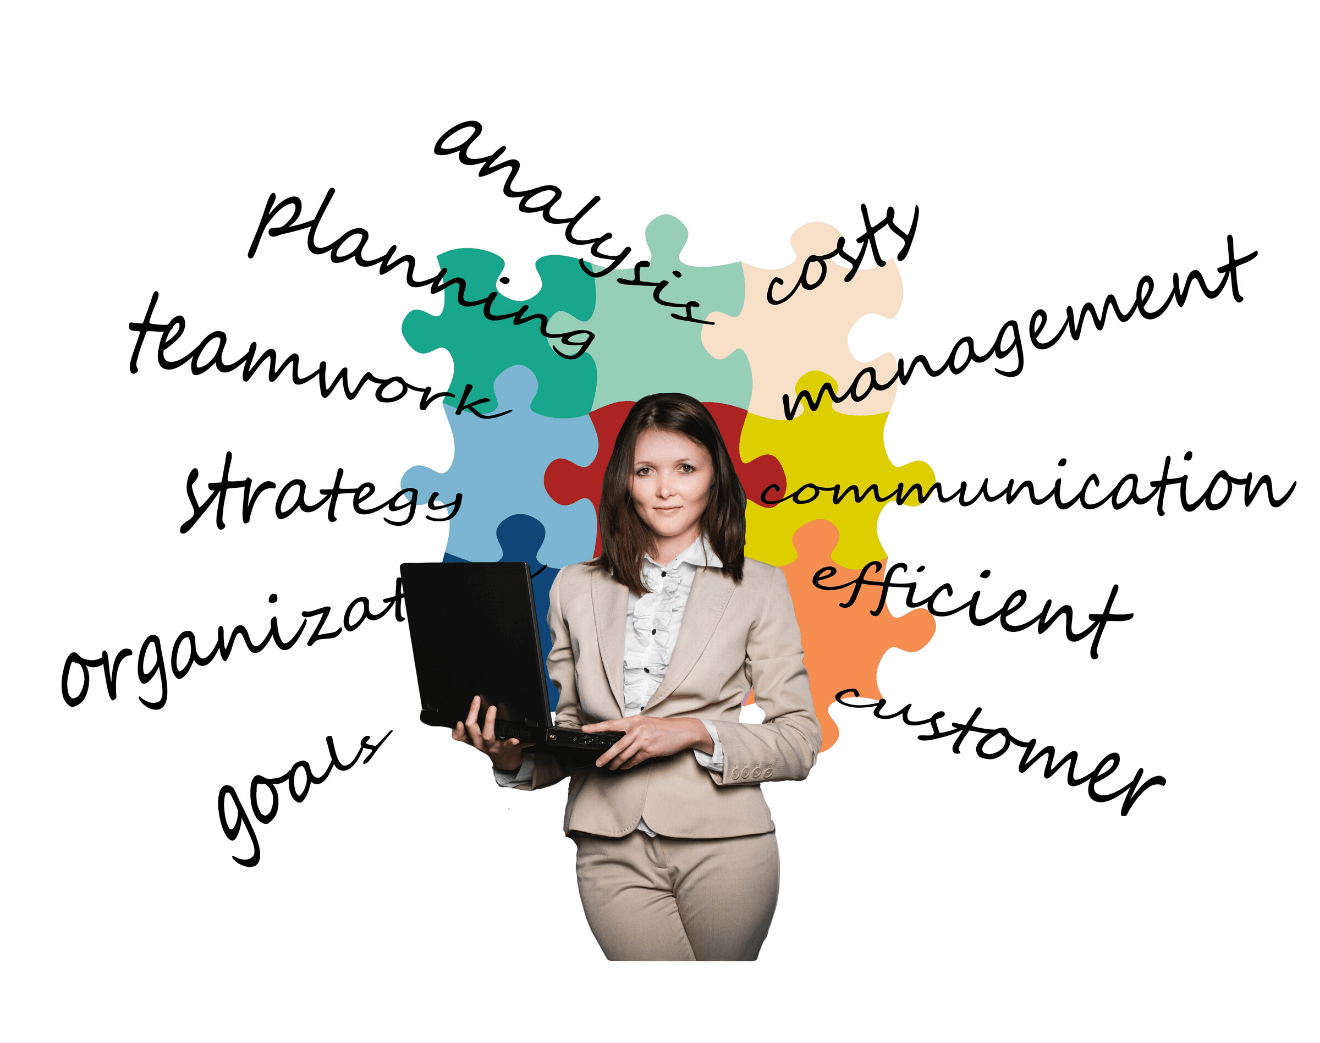 müşteri deneyimi customer experience